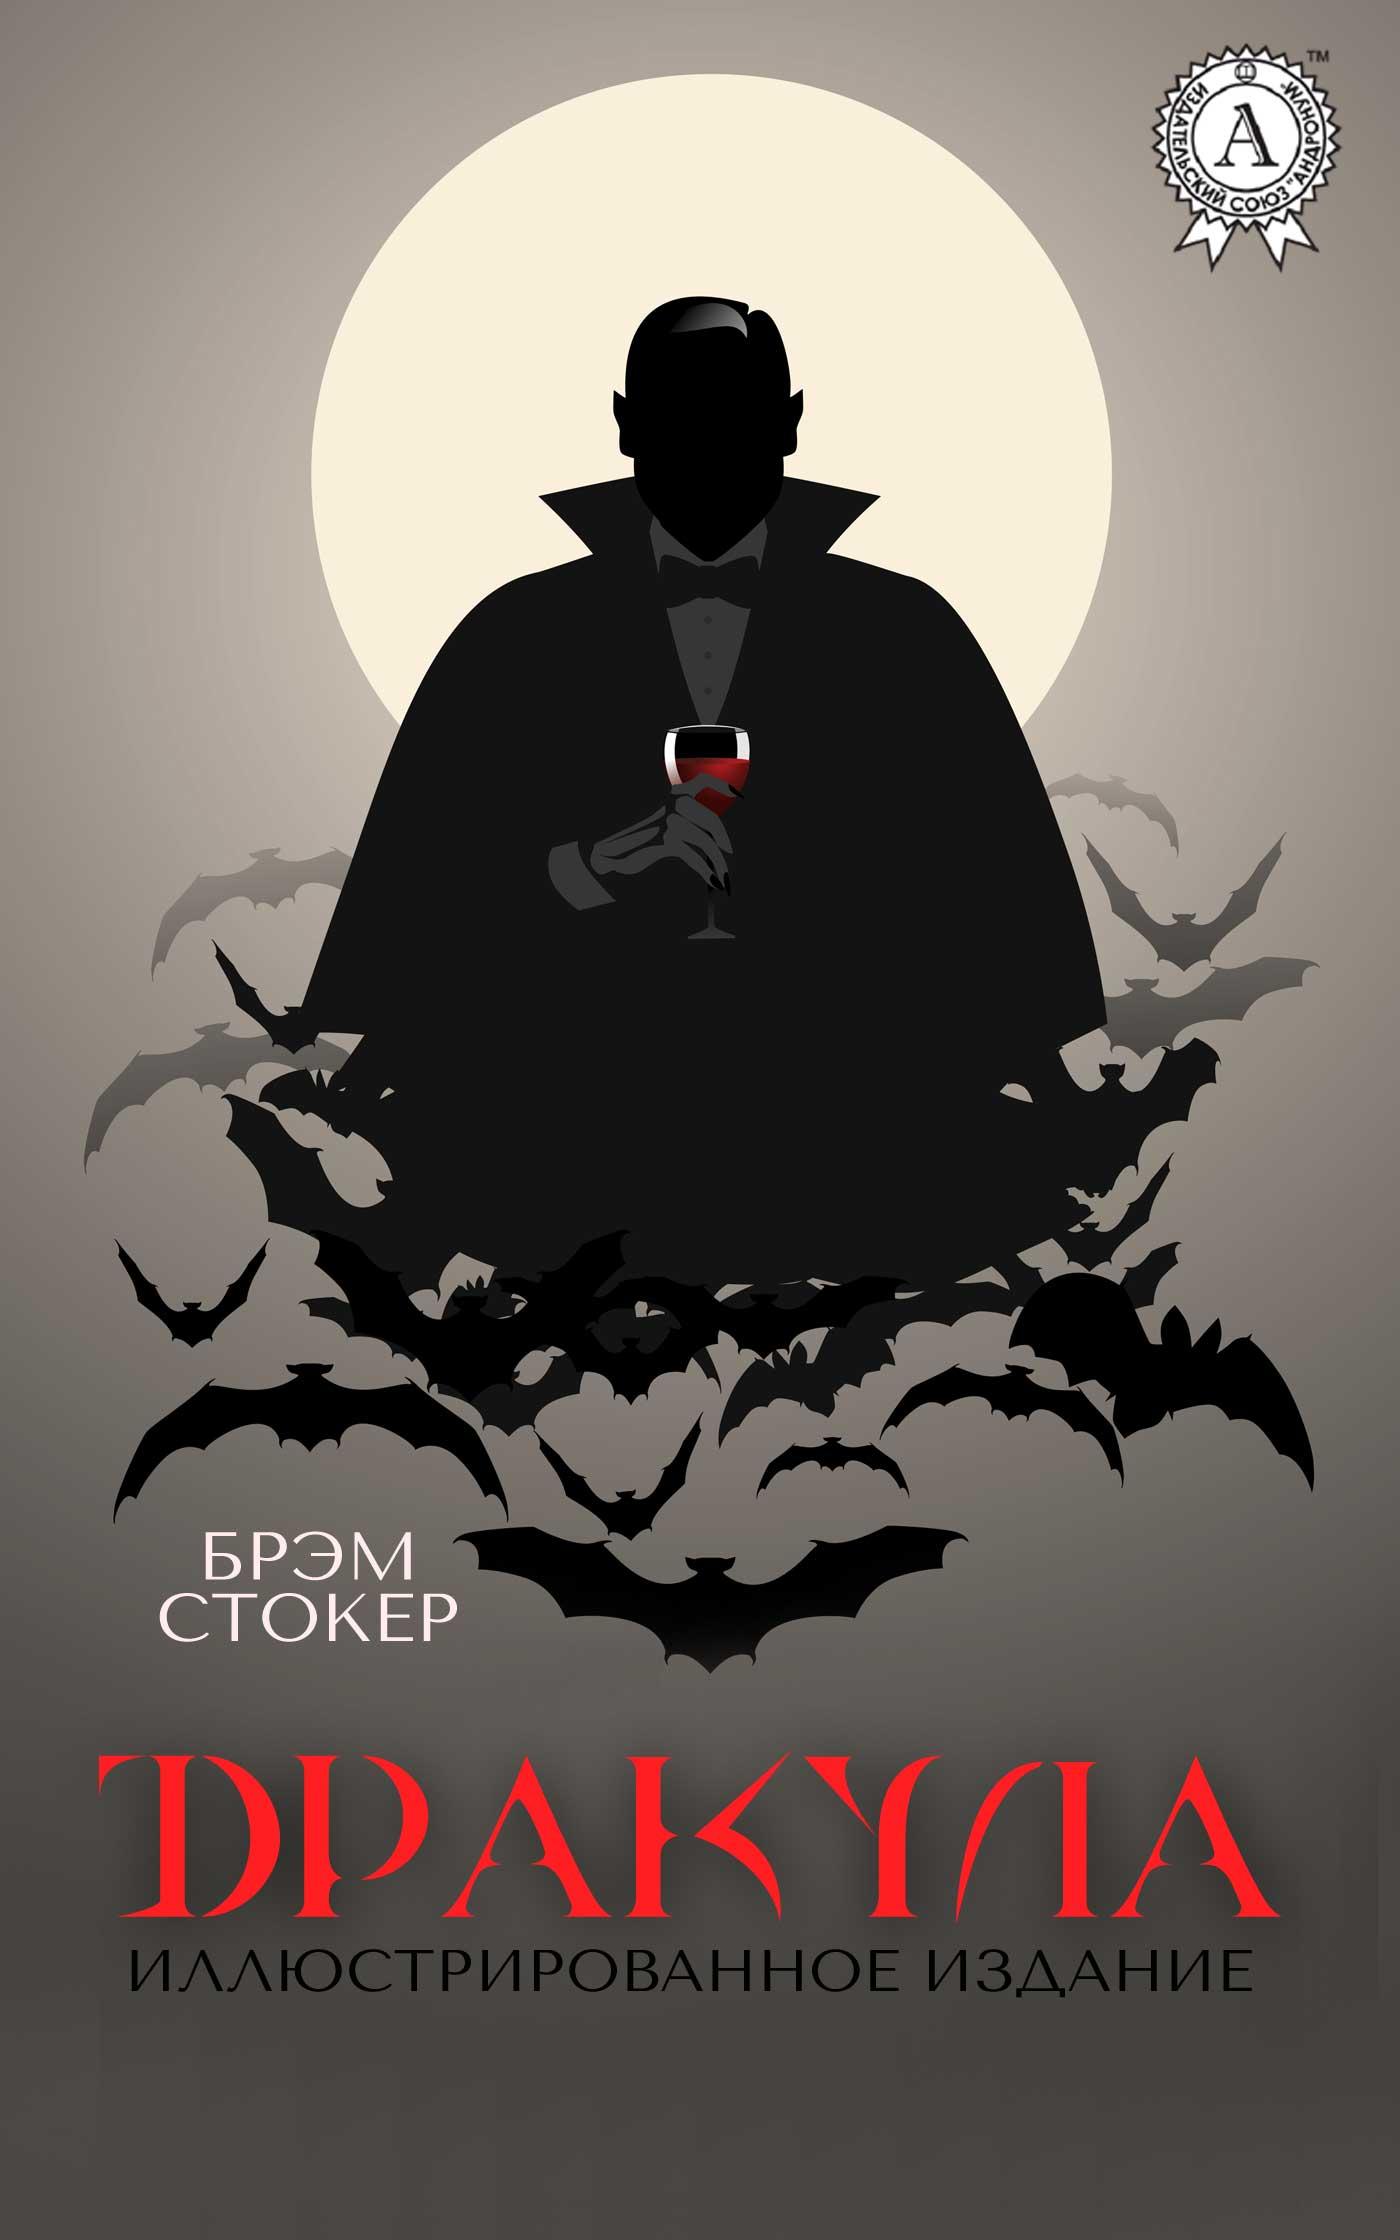 Дракула. Иллюстрированное издание